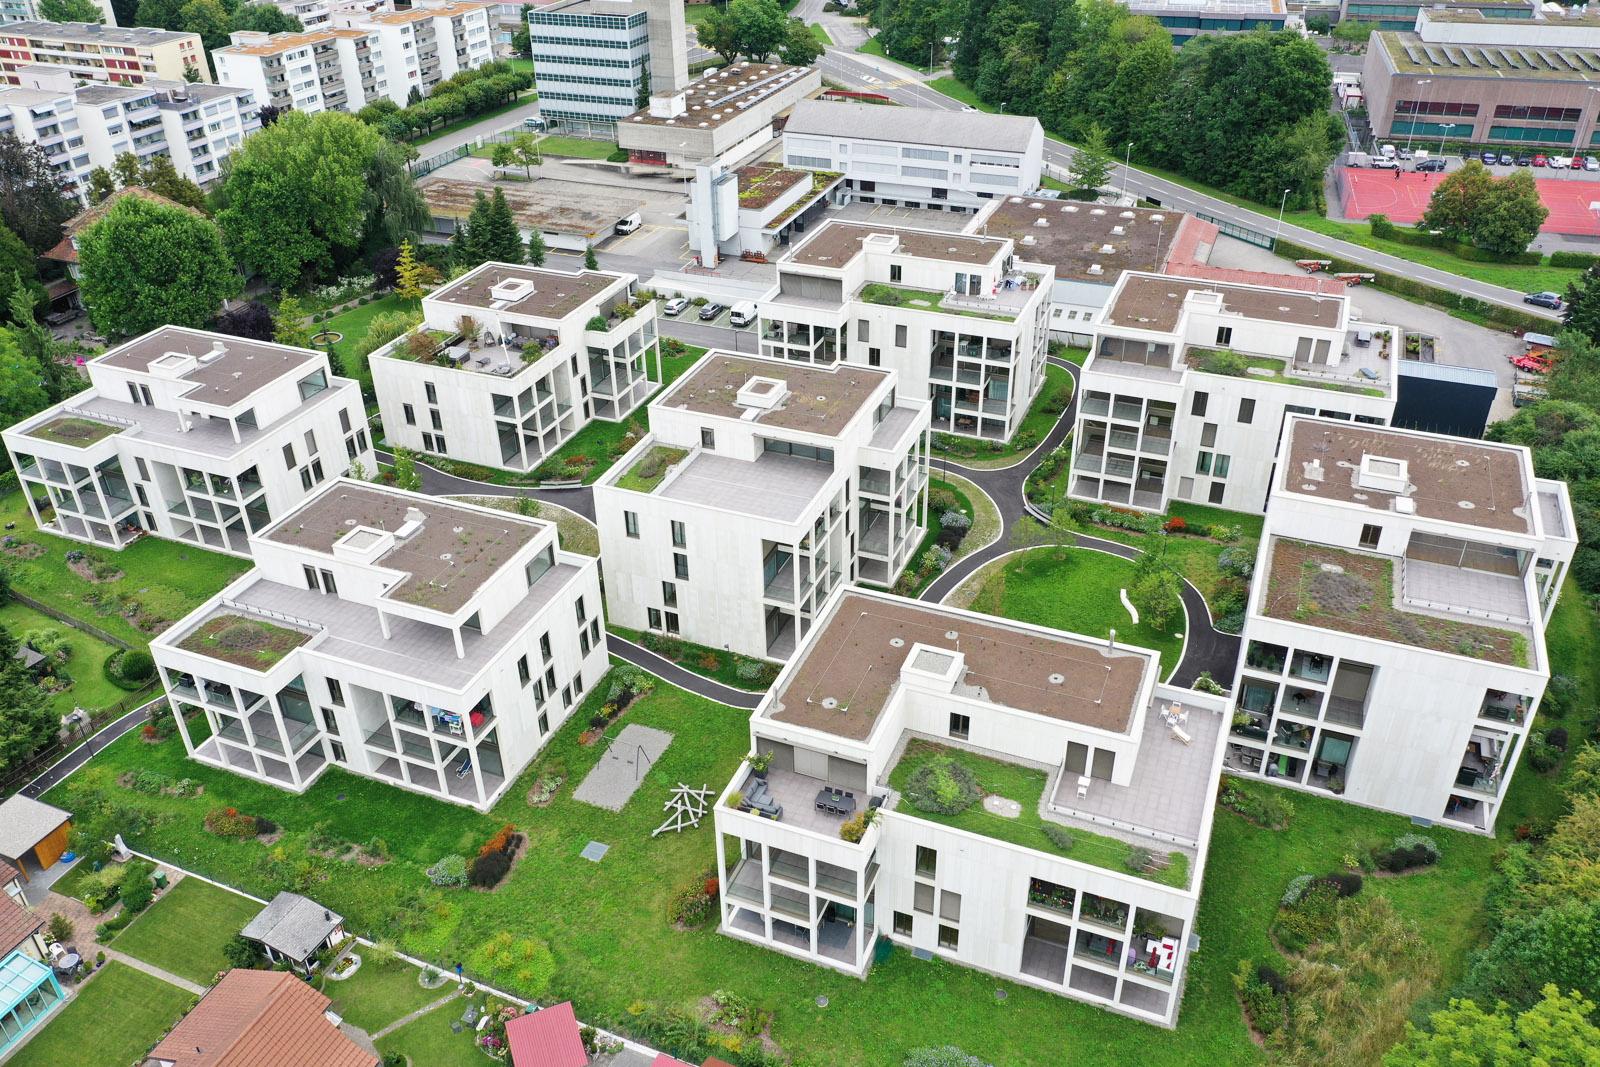 Neubau Generalunternehmer Wohnüberbauung Zofingen